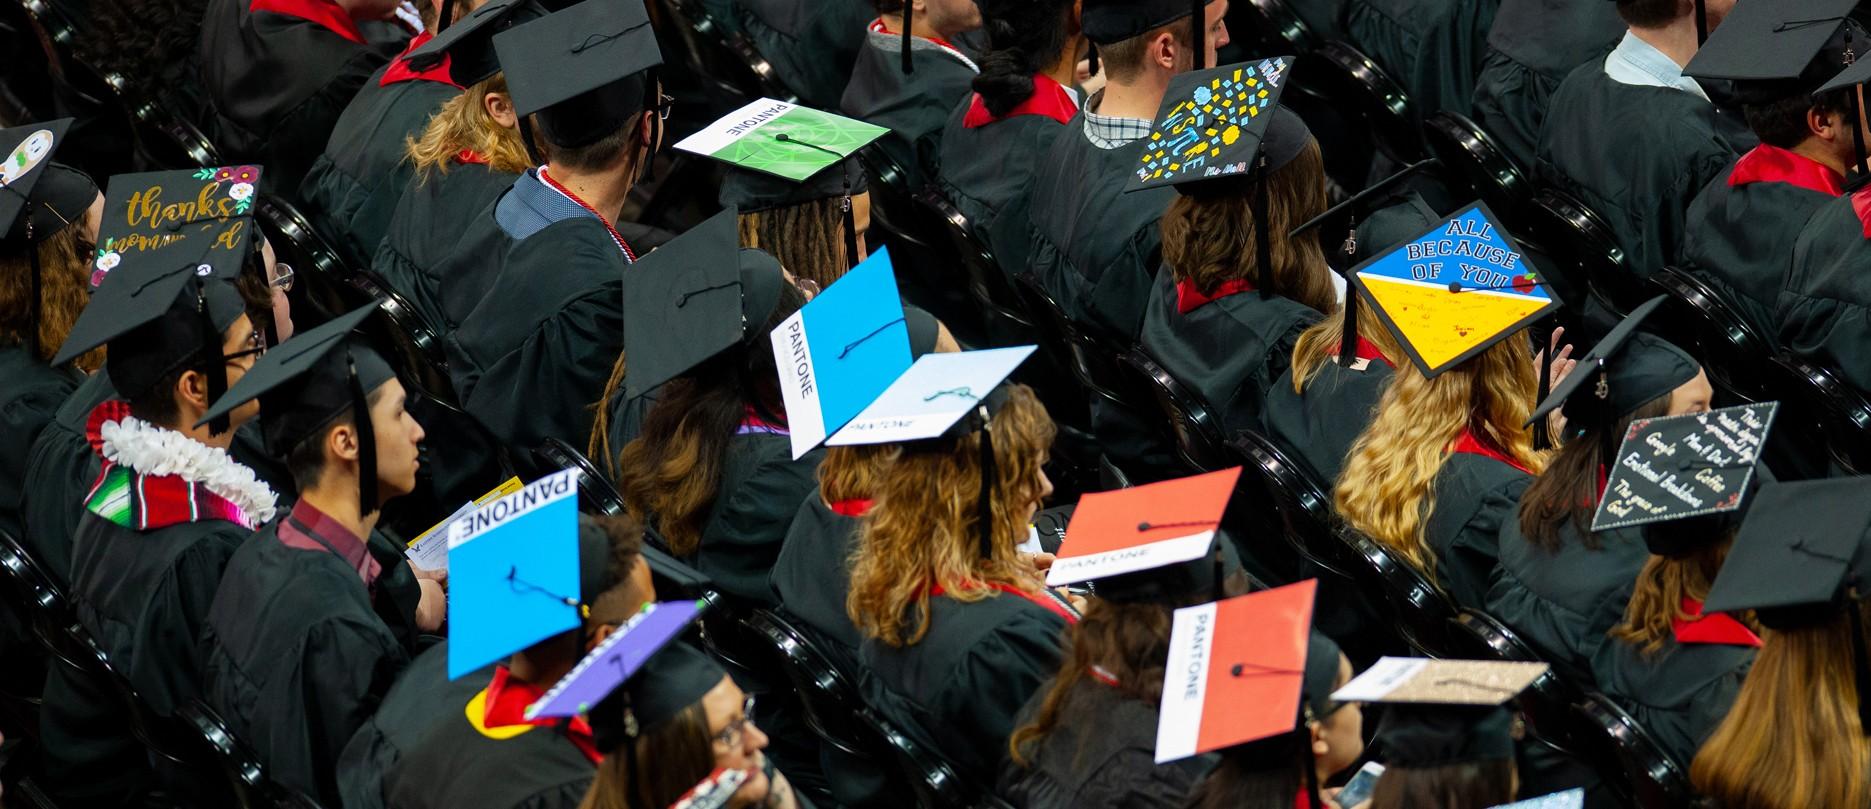 2019 Graduation Caps